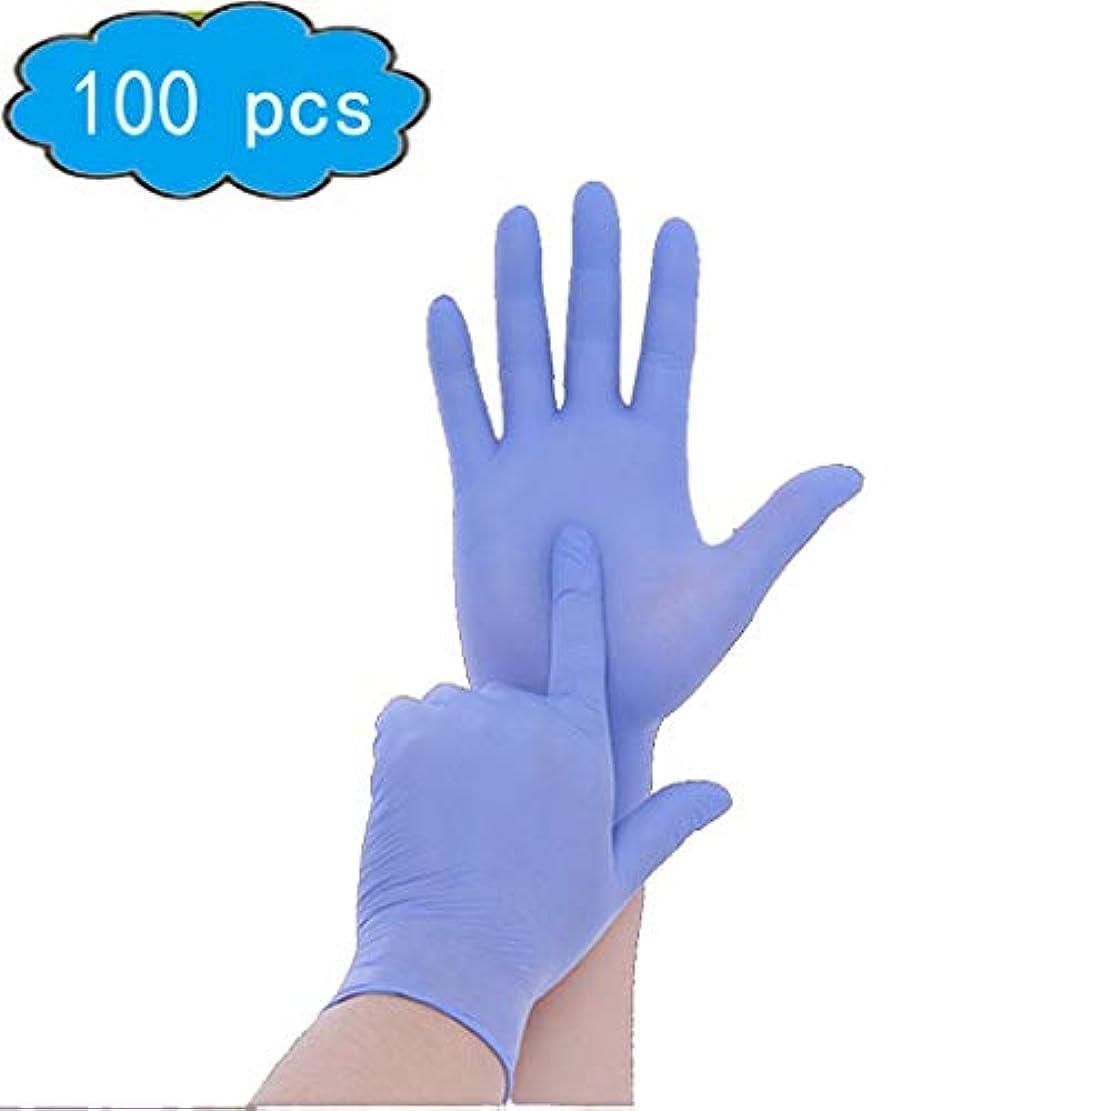 ボクシング偏差ポークニトリル試験用手袋-医療グレード、パウダーフリー、ラテックスゴムフリー、使い捨て、非滅菌、食品安全、テクスチャード加工、サニタリーグローブ、救急用品、(パック100)、手と腕の保護 (Color : Purple, Size...